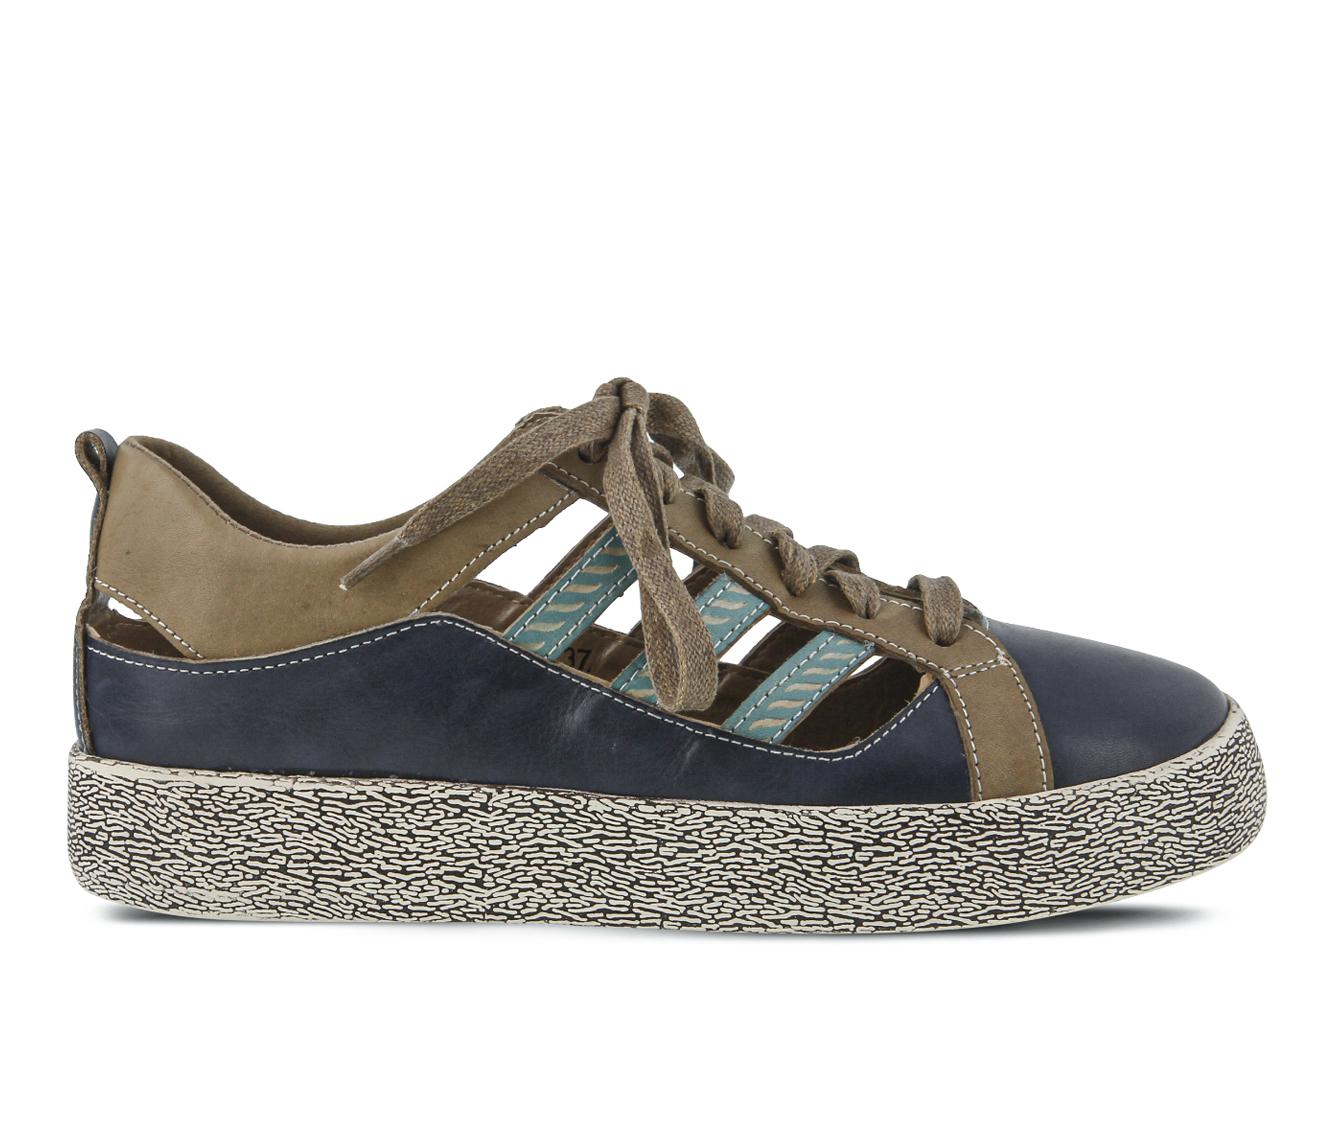 L'Artiste Porscha Women's Shoe (Blue Leather)